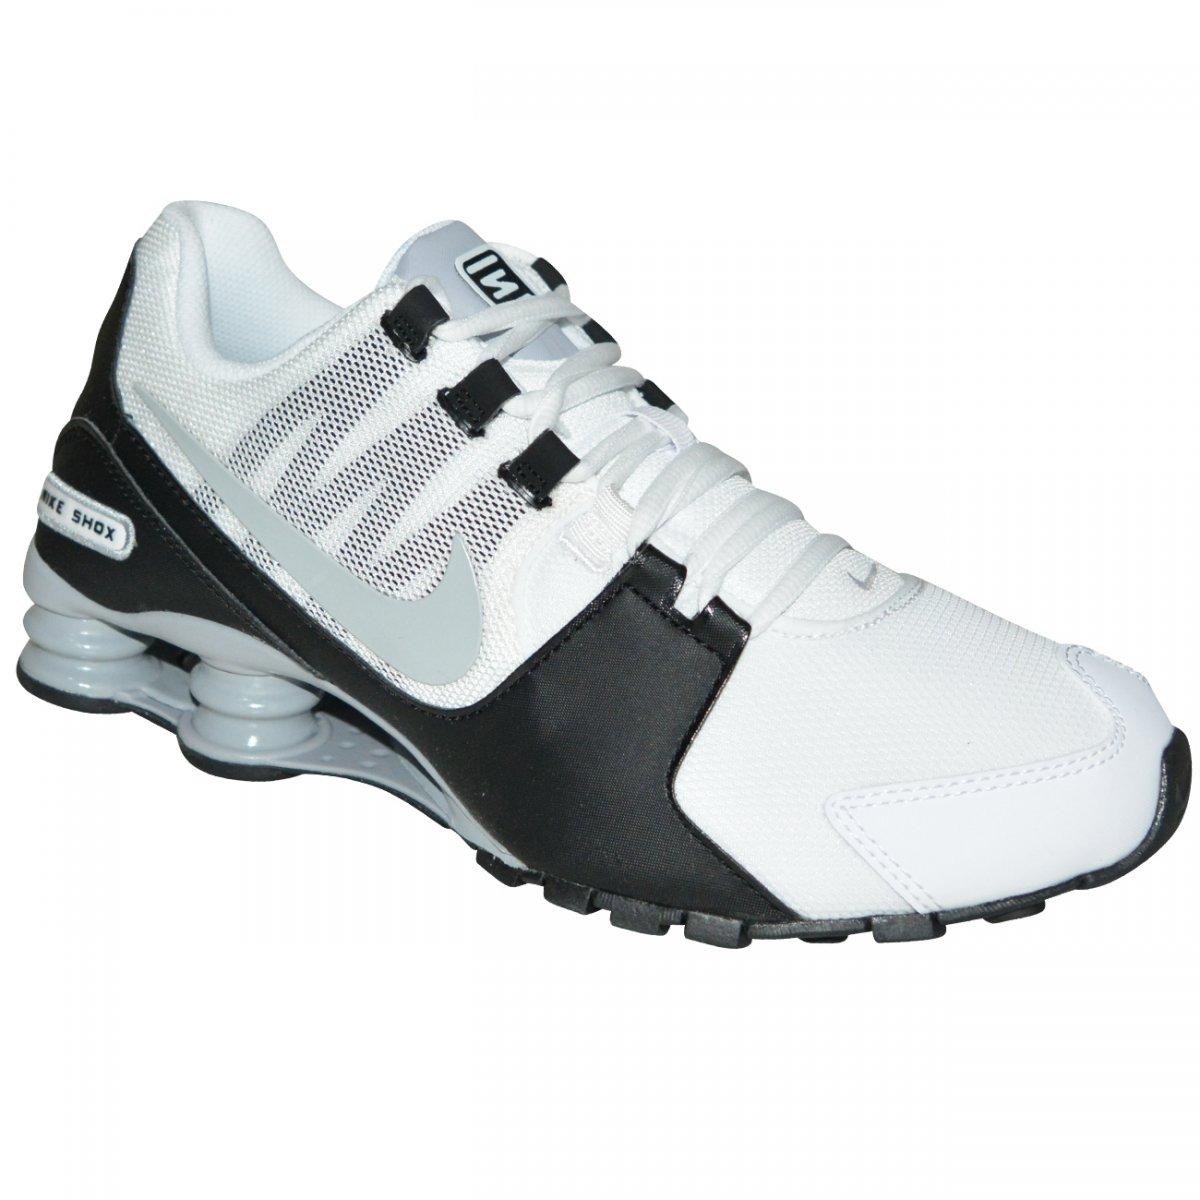 124534aa25 Tenis Nike Shox Avenue 833583 100 - Branco/preto/cinza - Chuteira Nike,  Adidas. Sandalias Femininas. Sandy Calçados